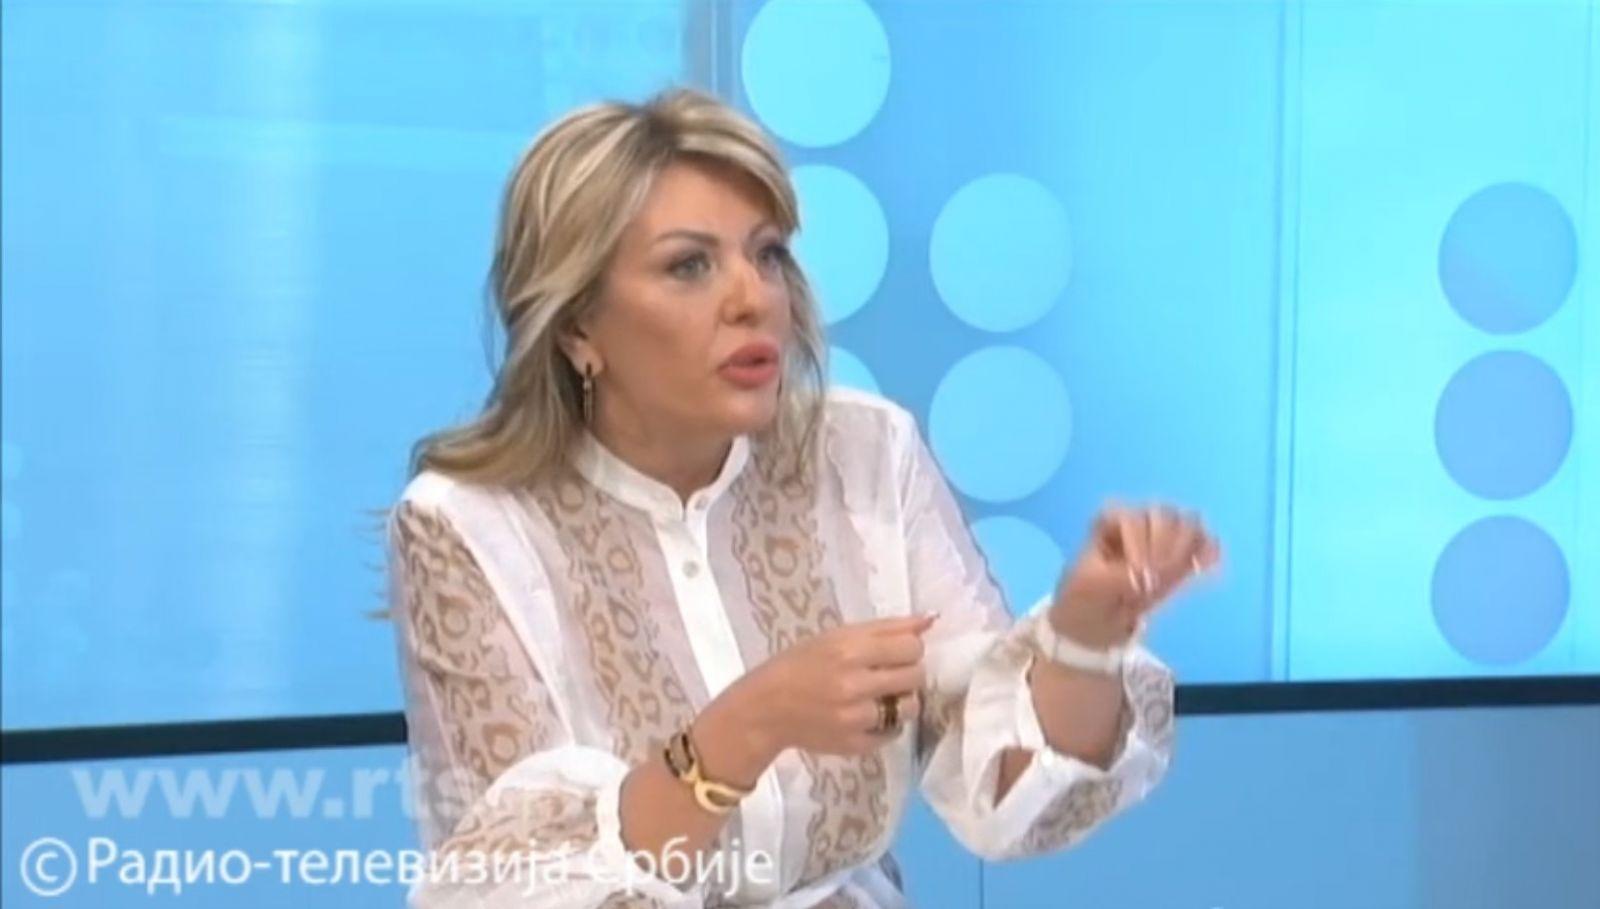 Ј. Јоксимовић: Циљ новог инвестиционог плана боље регионално повезивање